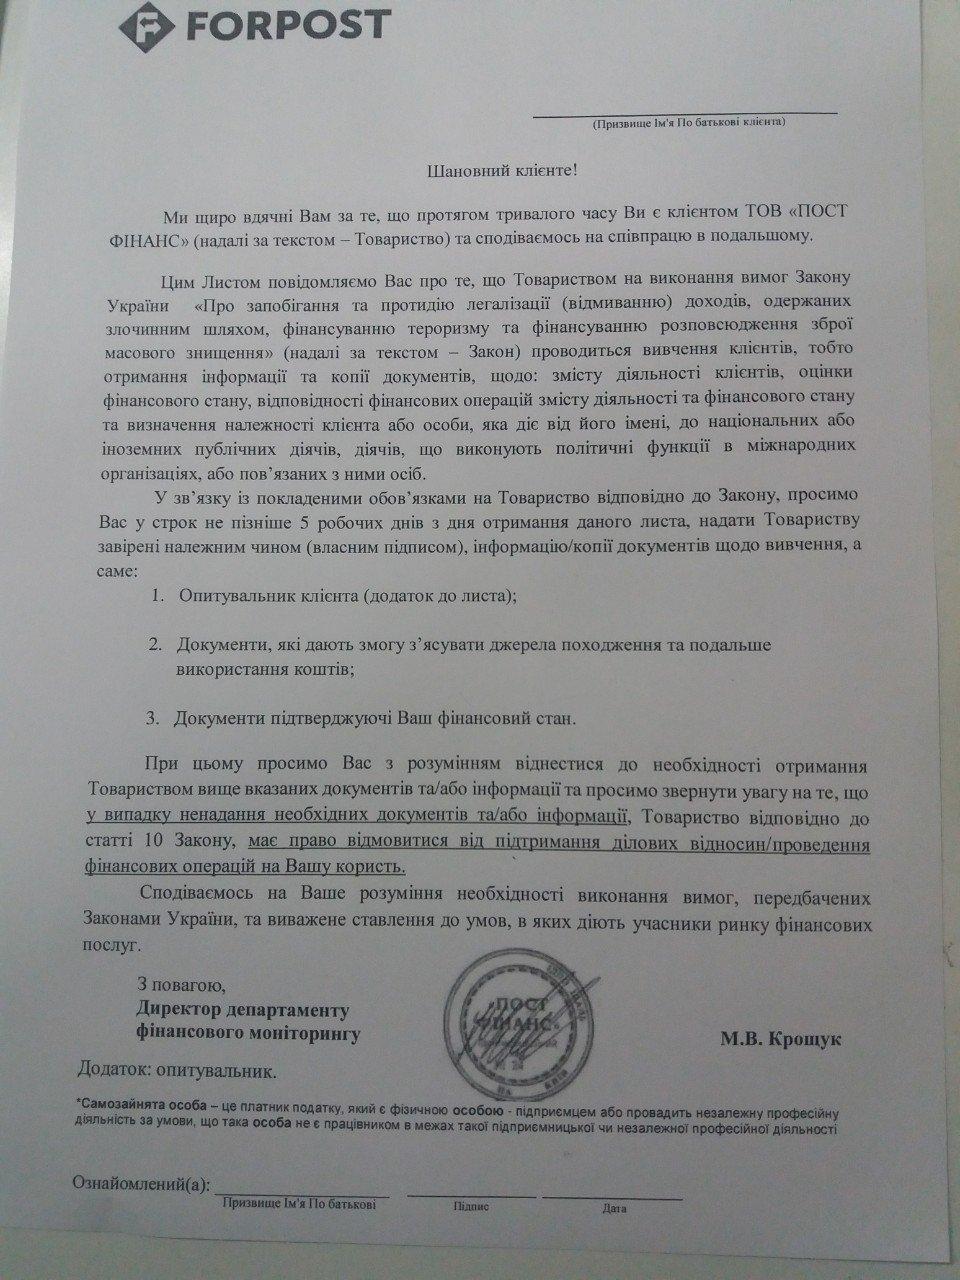 НОВАЯ ПОЧТА (Нова Пошта) - Мошенничество Новой почты!